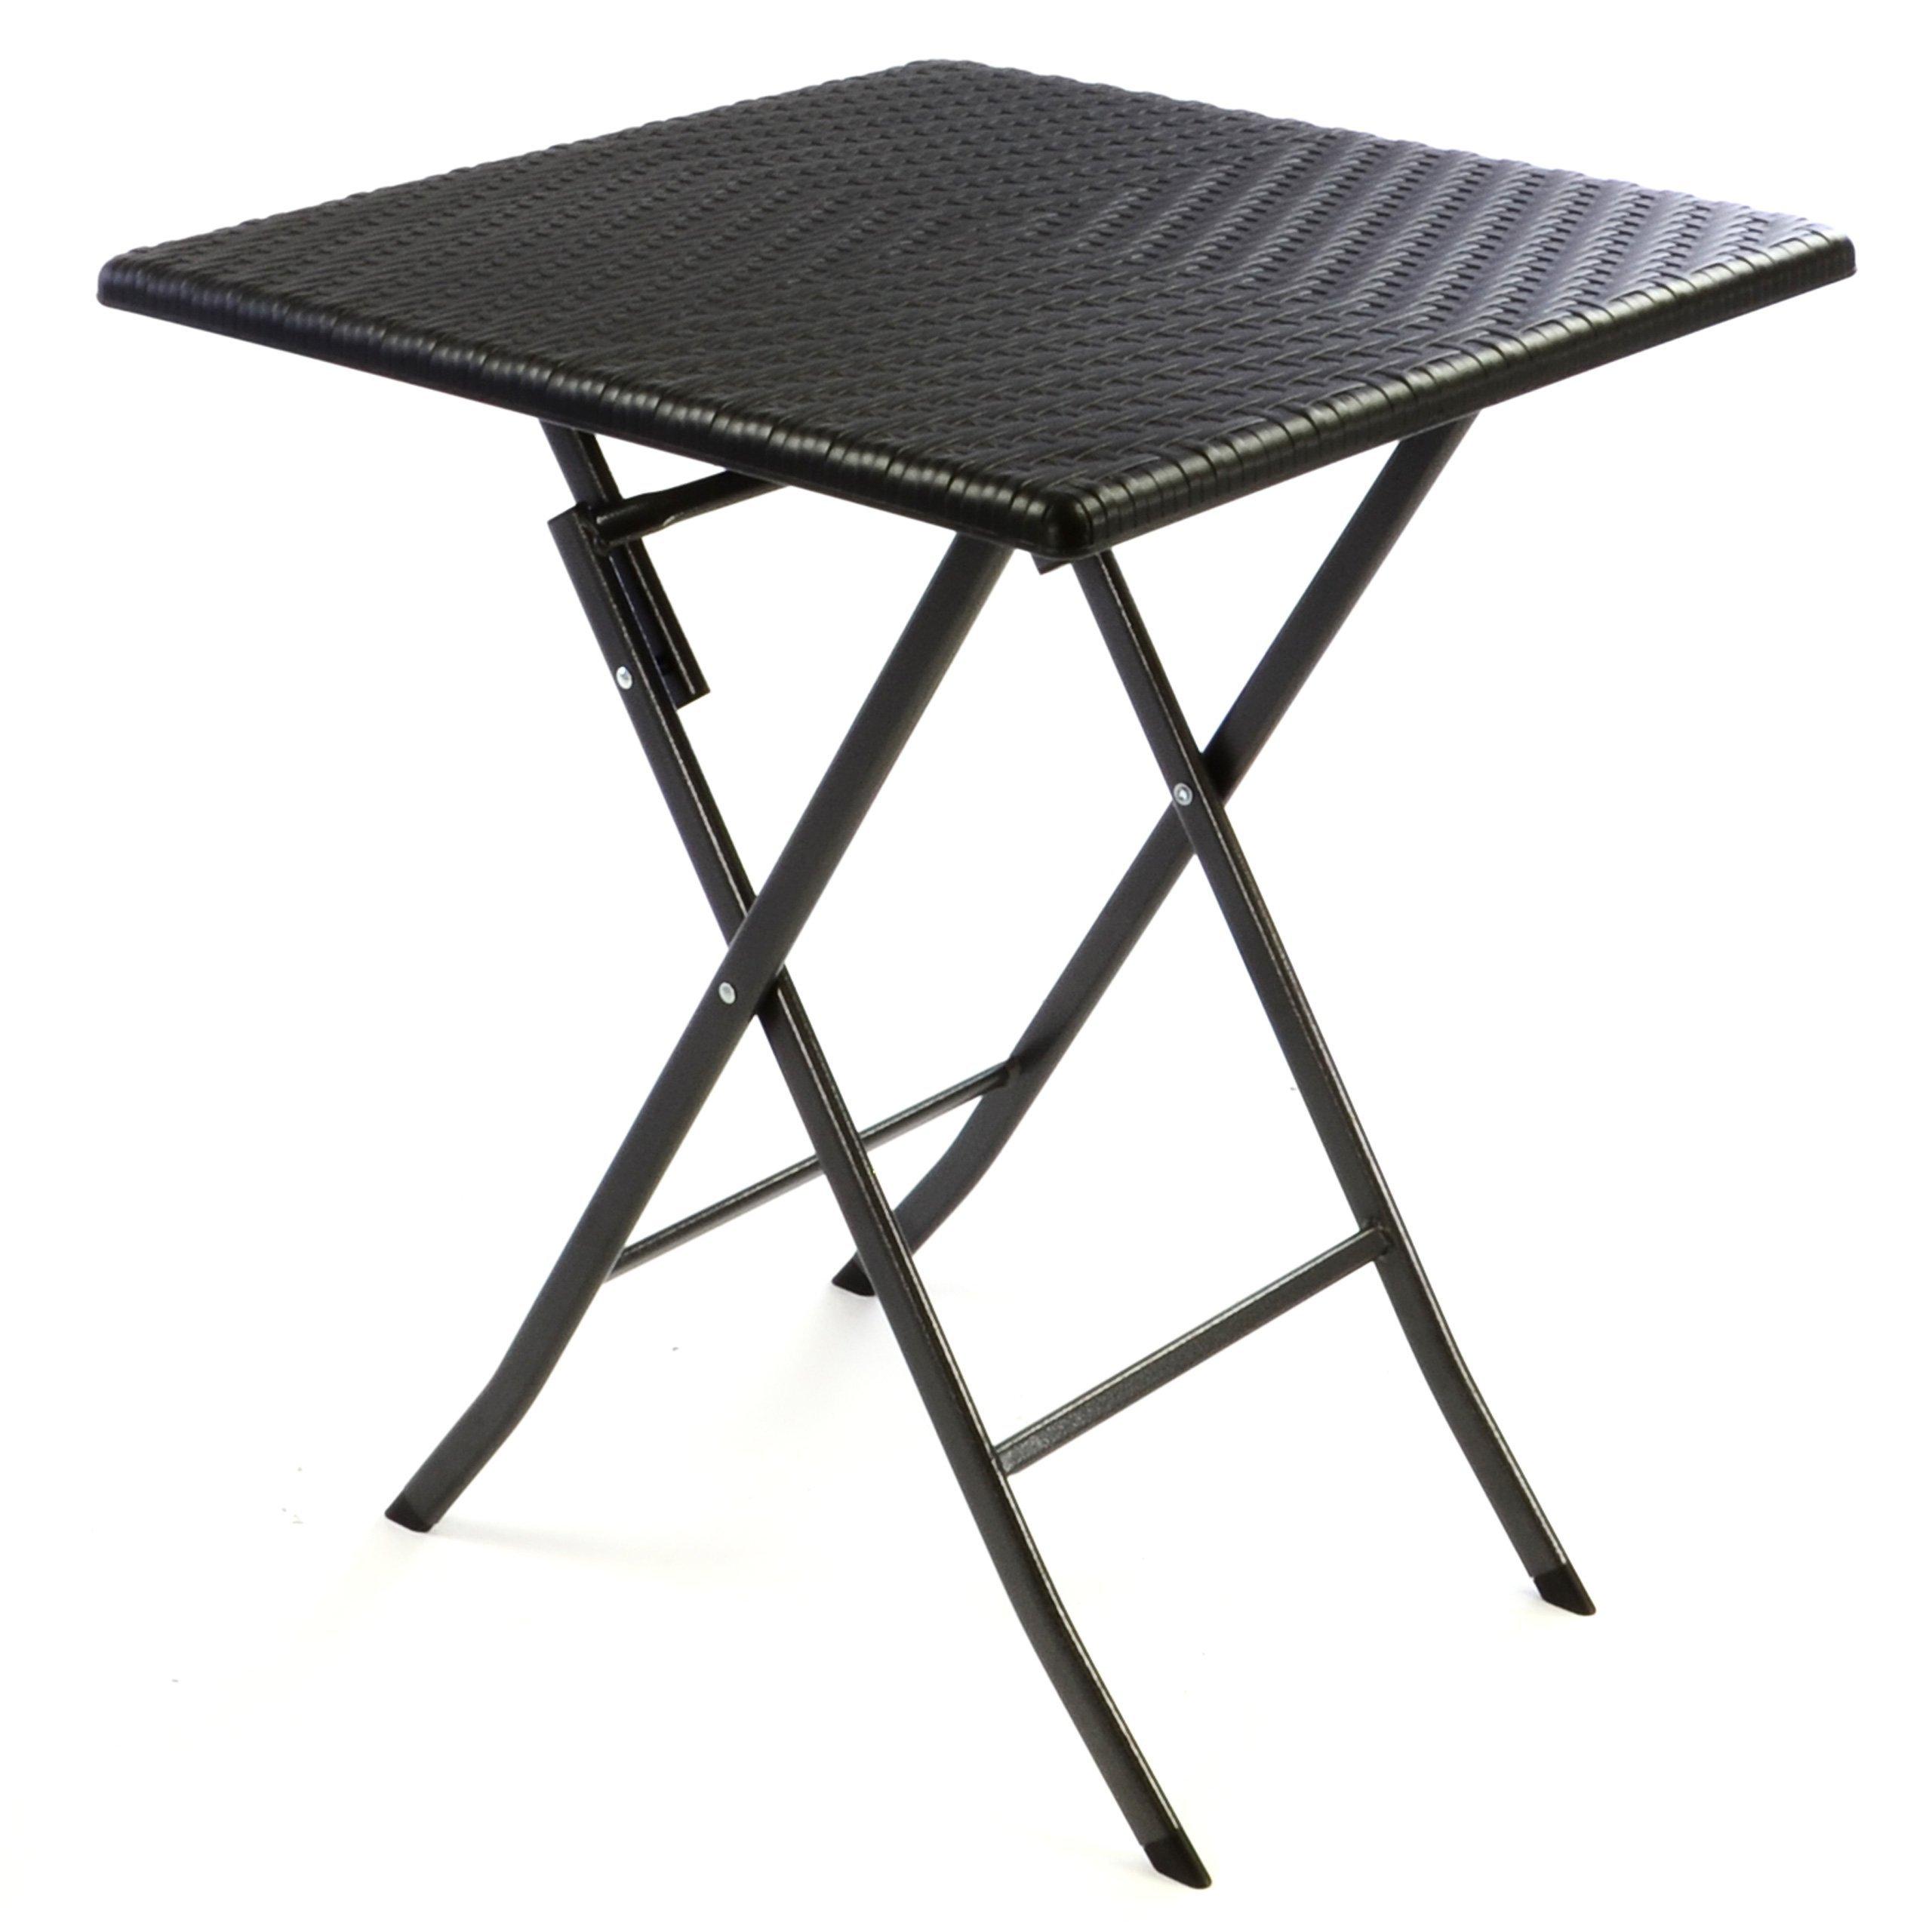 Nexos Tisch In Rattan Optik Balkontisch Gartentisch Klapptisch Schwarz 61 X  61 X 75 Cm Eckig Campingtisch Kunststoff Robust Stabil Wetterfest  Pflegeleicht ...